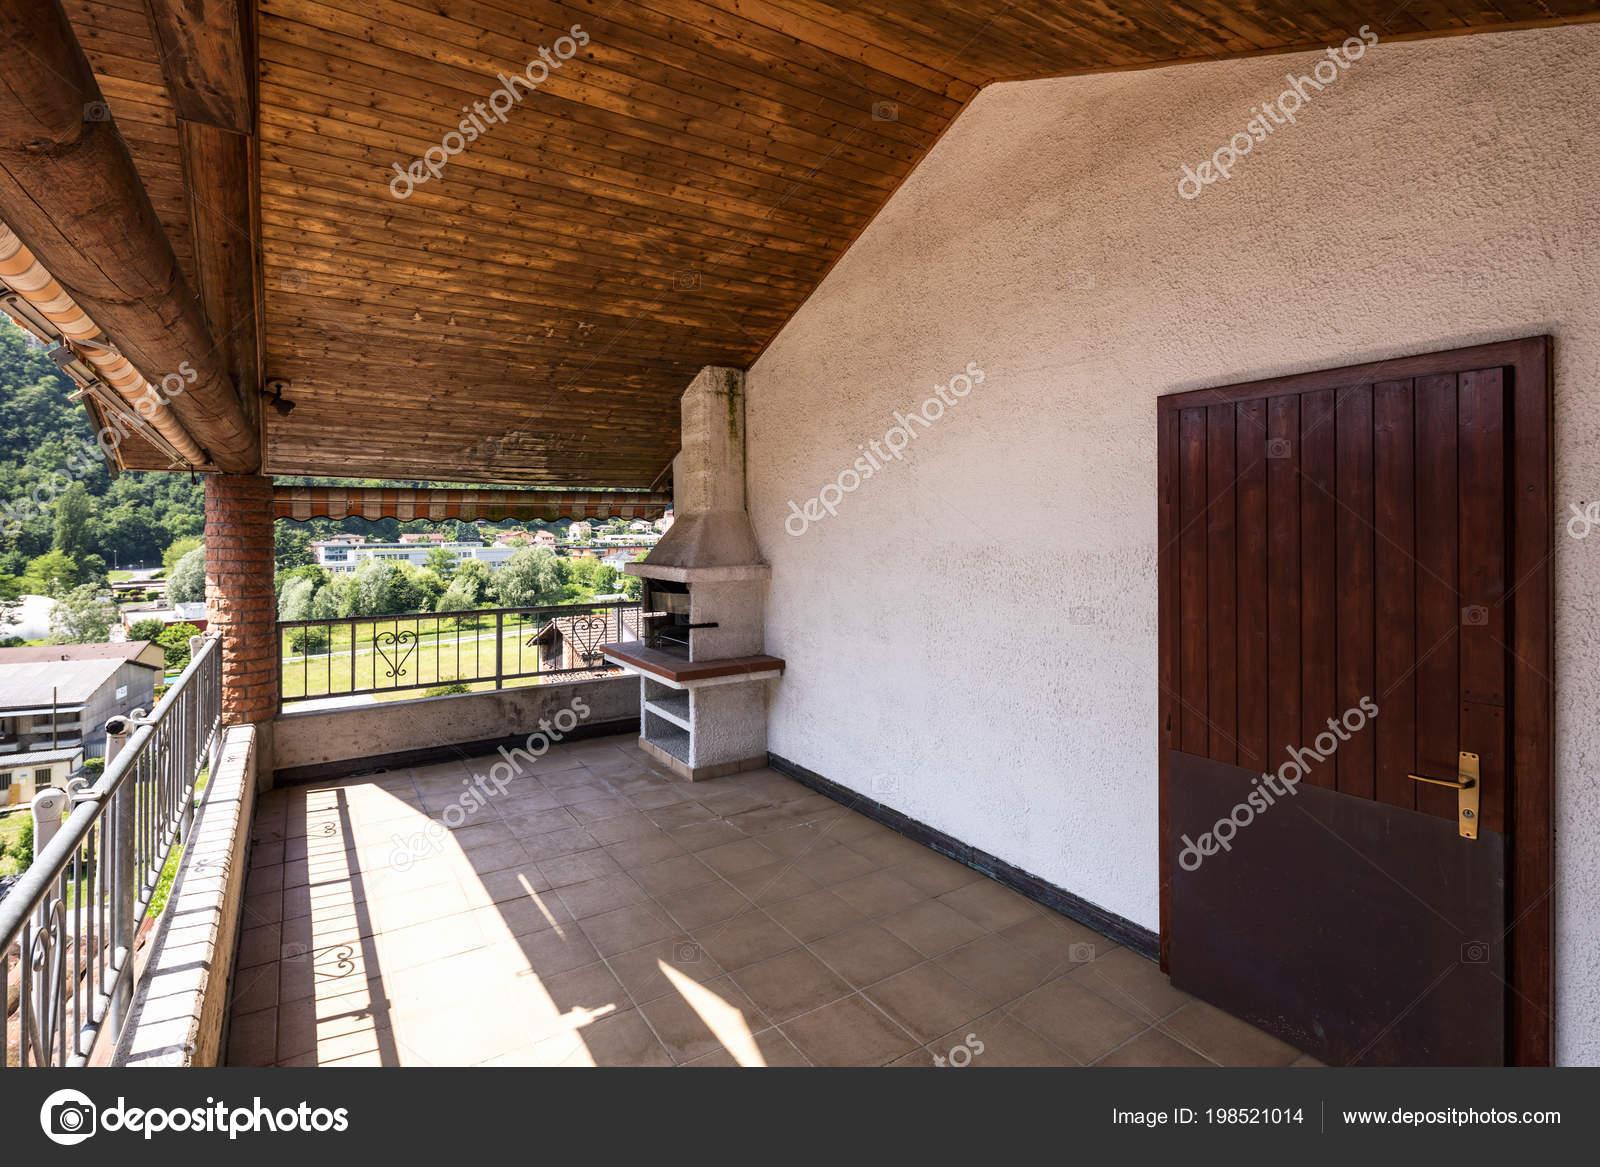 Houten Tegels Balkon : Terras met houten plafond tegels landschap heuvels niemand binnen